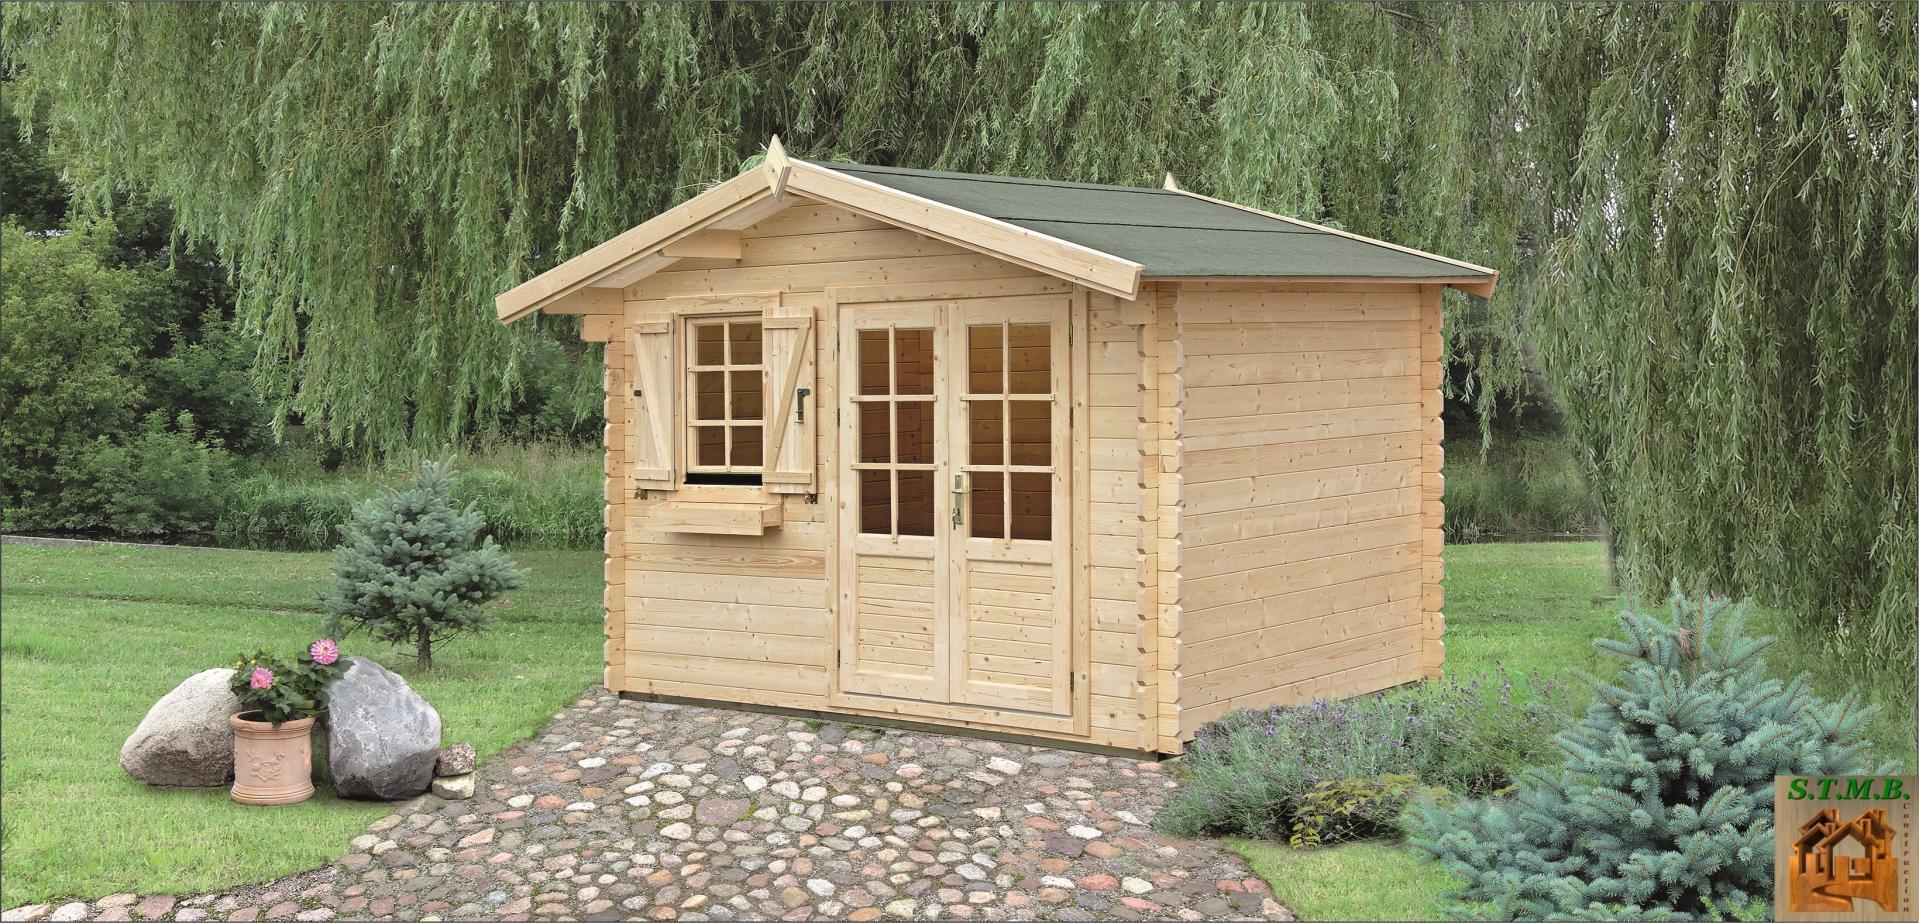 Chalet de jardin bois mod le prunes 9 m vendu en kit for Cabane de jardin permis de construire